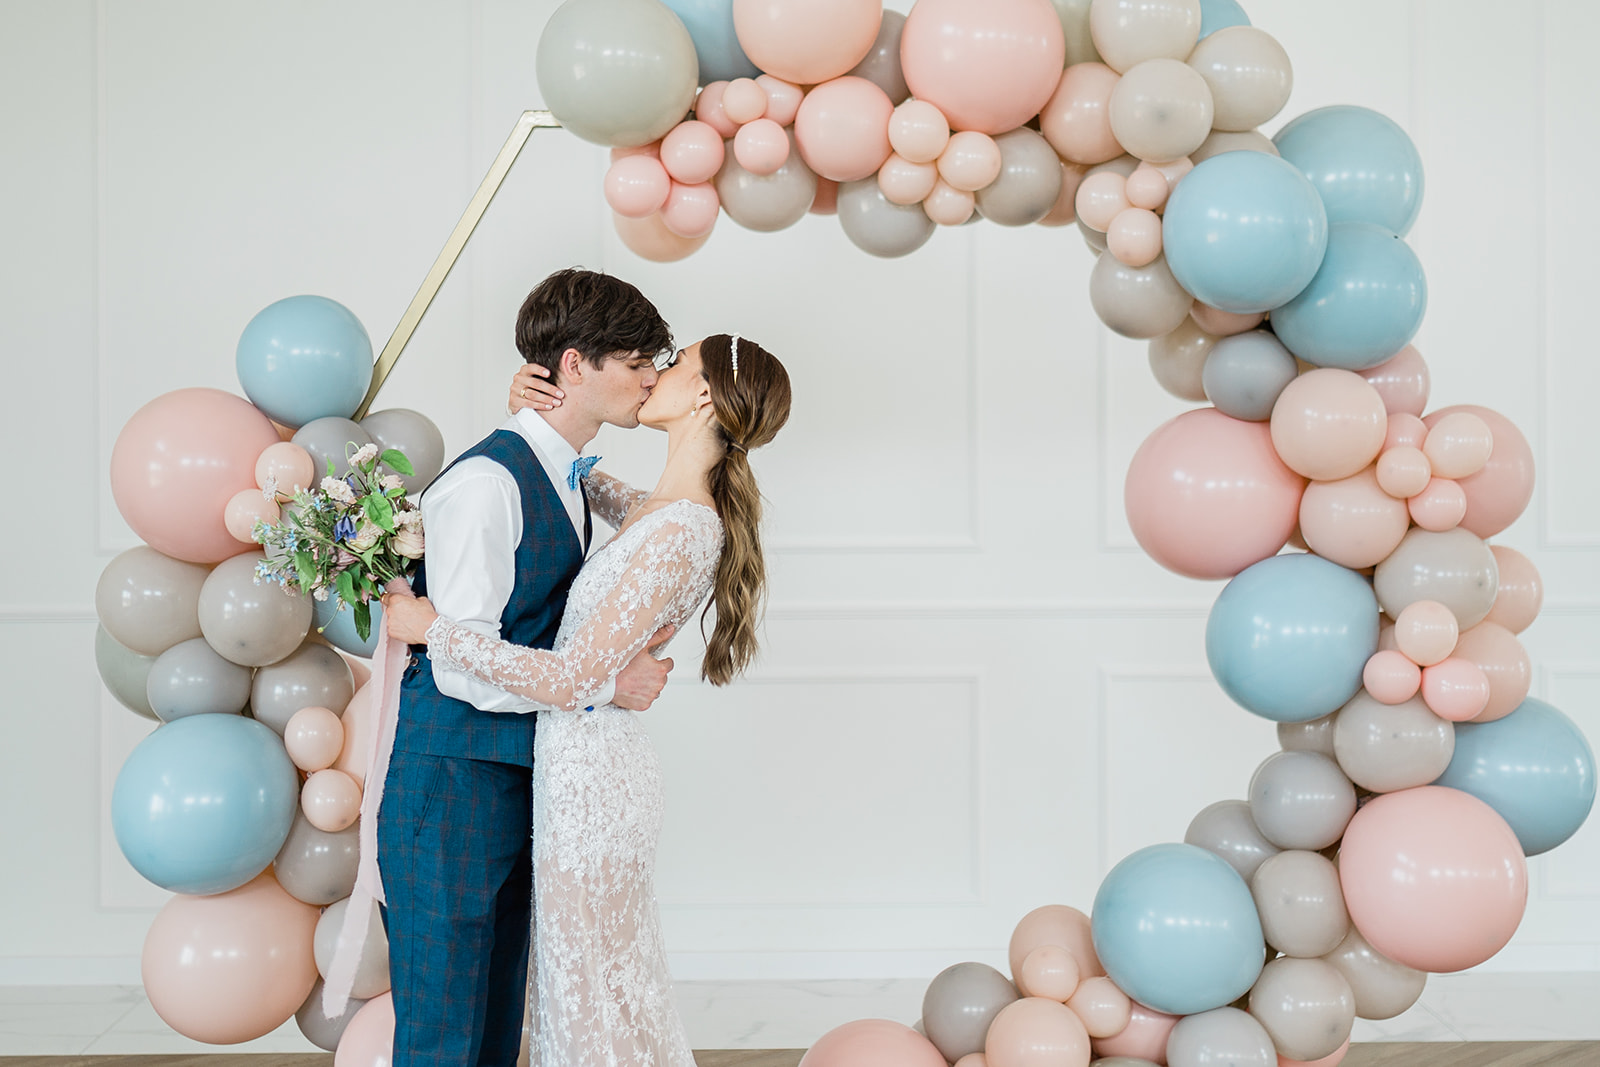 Sesja stylizowana Pastelowe Pola   Portfolio Weddings by Caroline - agencja ślubna